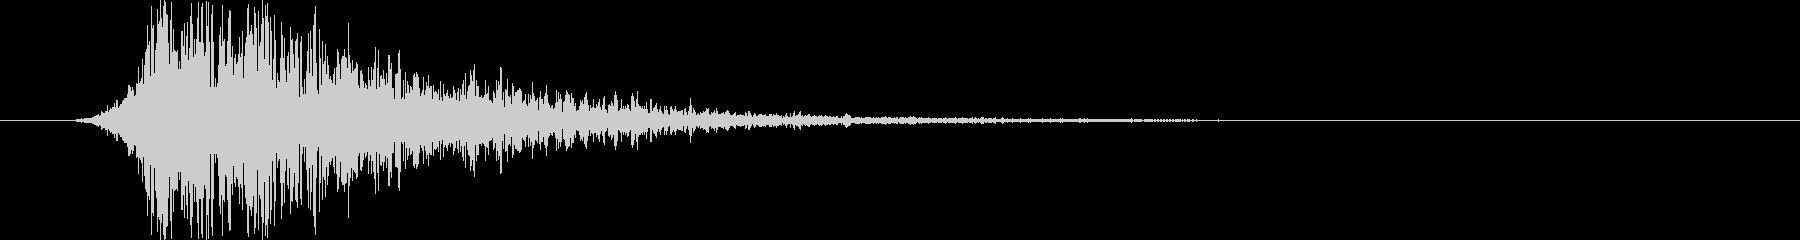 衝撃 バースト01の未再生の波形